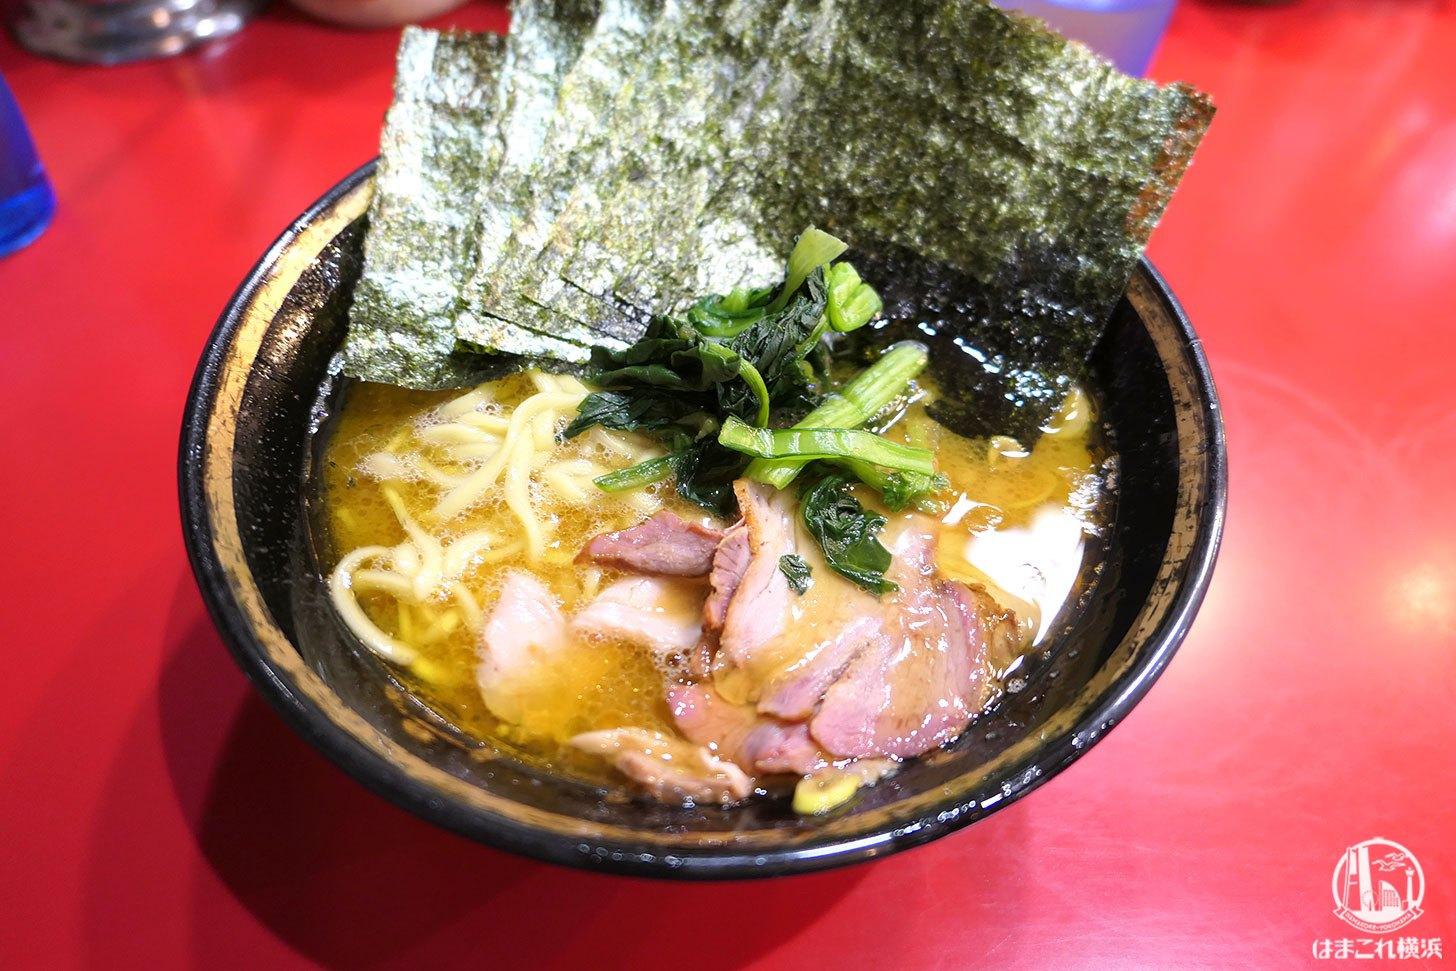 家系総本山「吉村家」横浜の名物・家系ラーメン食べて来た!待ち時間やアクセス